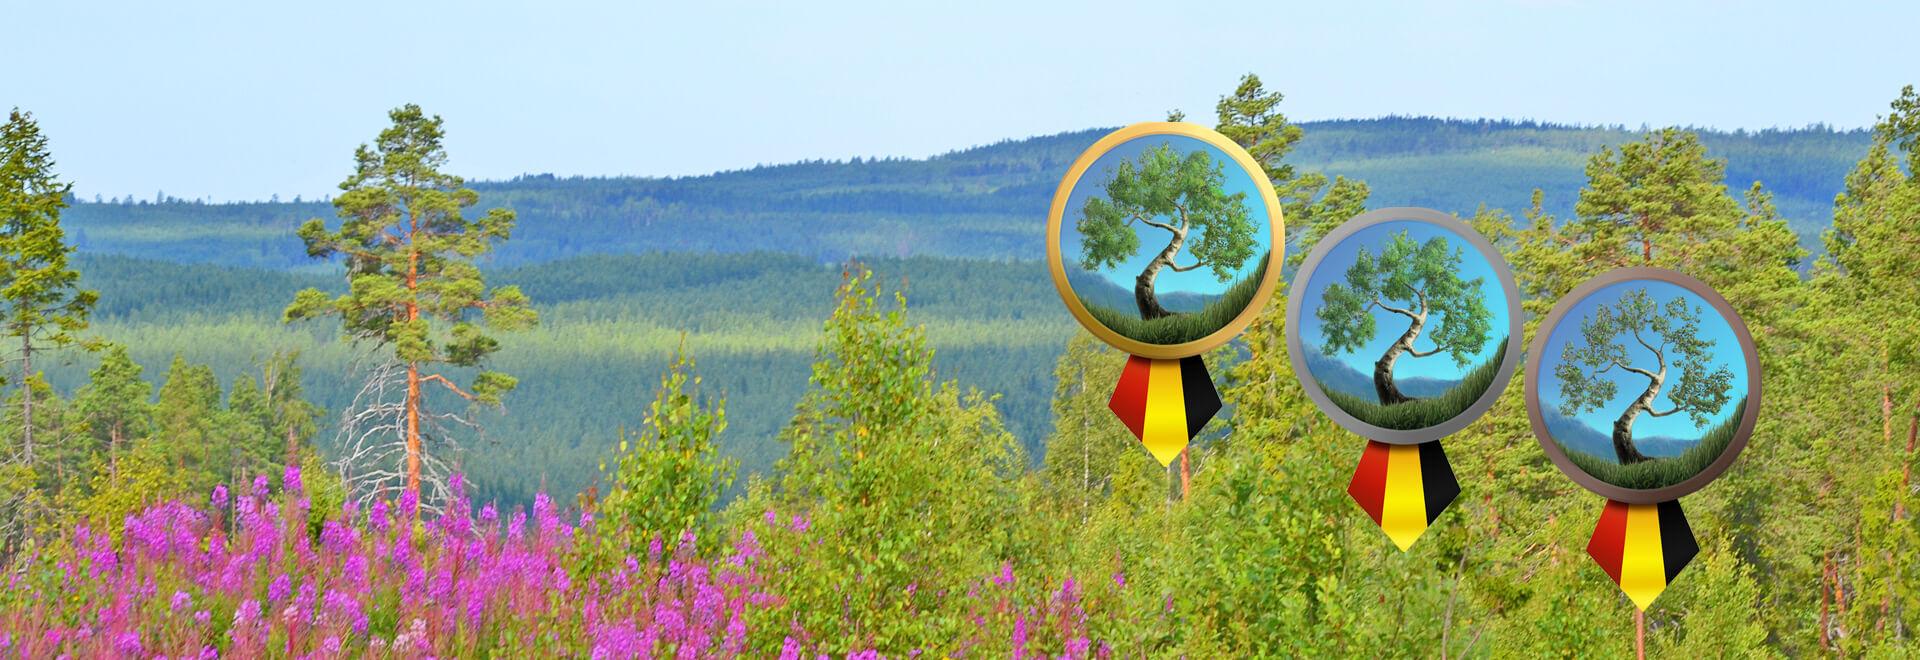 Sundfrakt kan vinna årets Miljöstrategipris 2019!